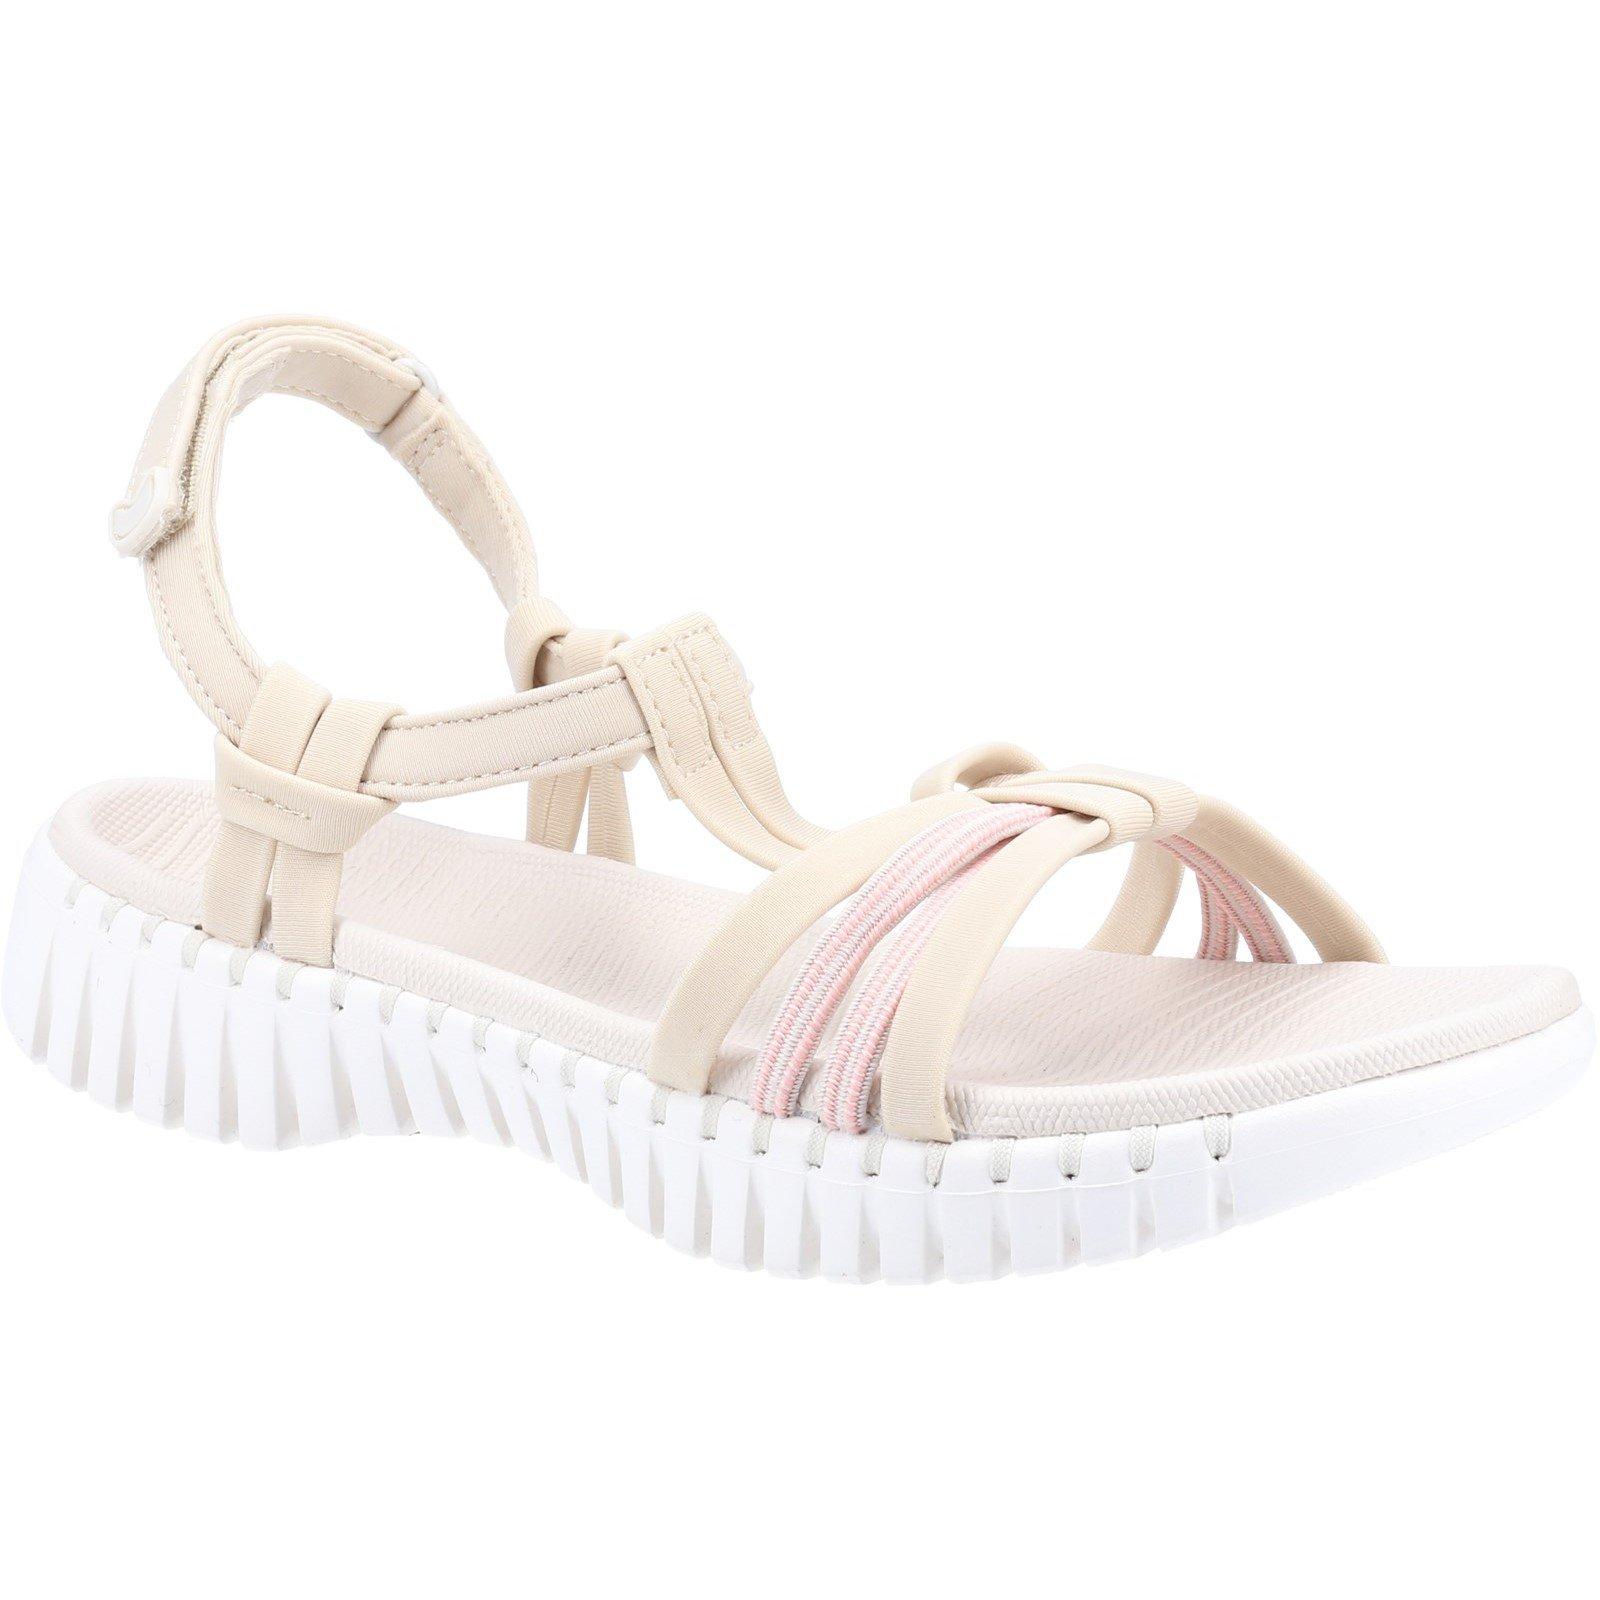 Skechers Women's Go Walk Smart Summer Sandal Various Colours 32156 - Natural 4